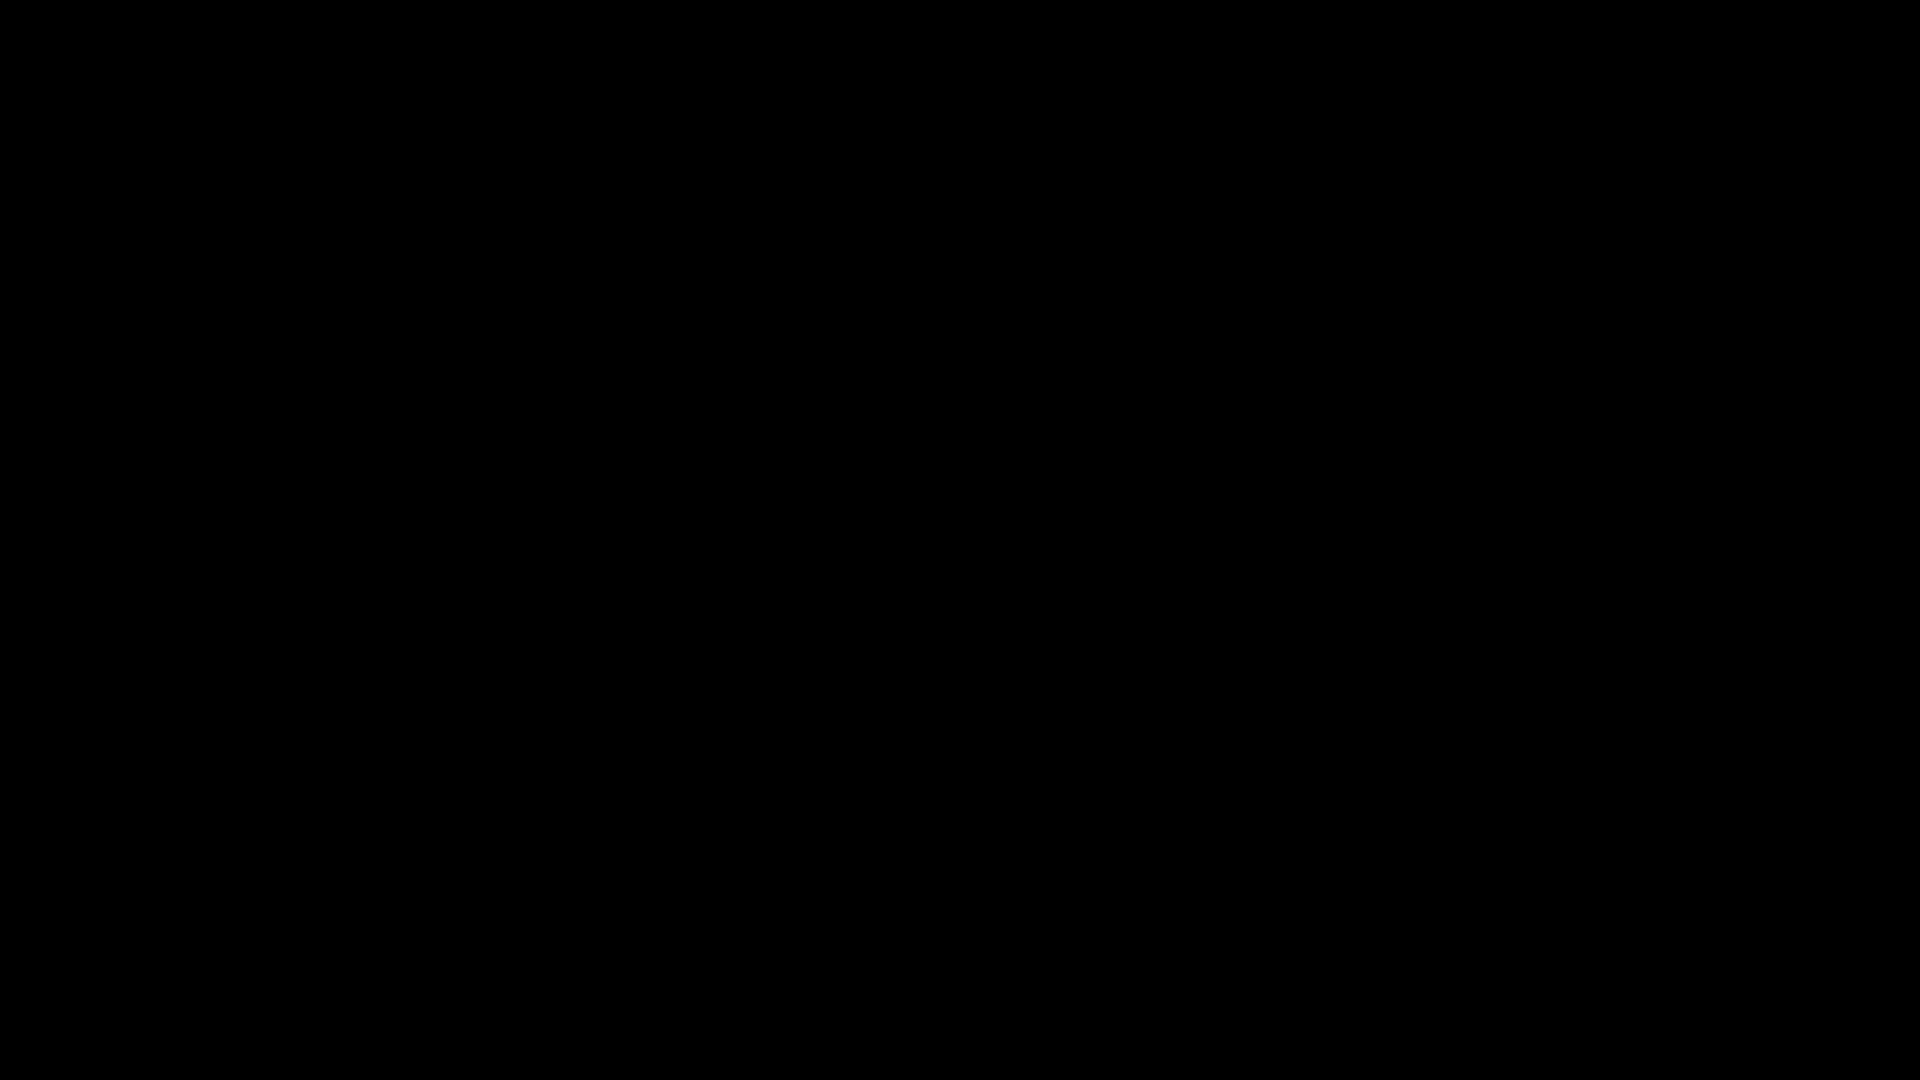 高画質露天女風呂観察 vol.032 高画質 | 綺麗なOLたち  98枚 8